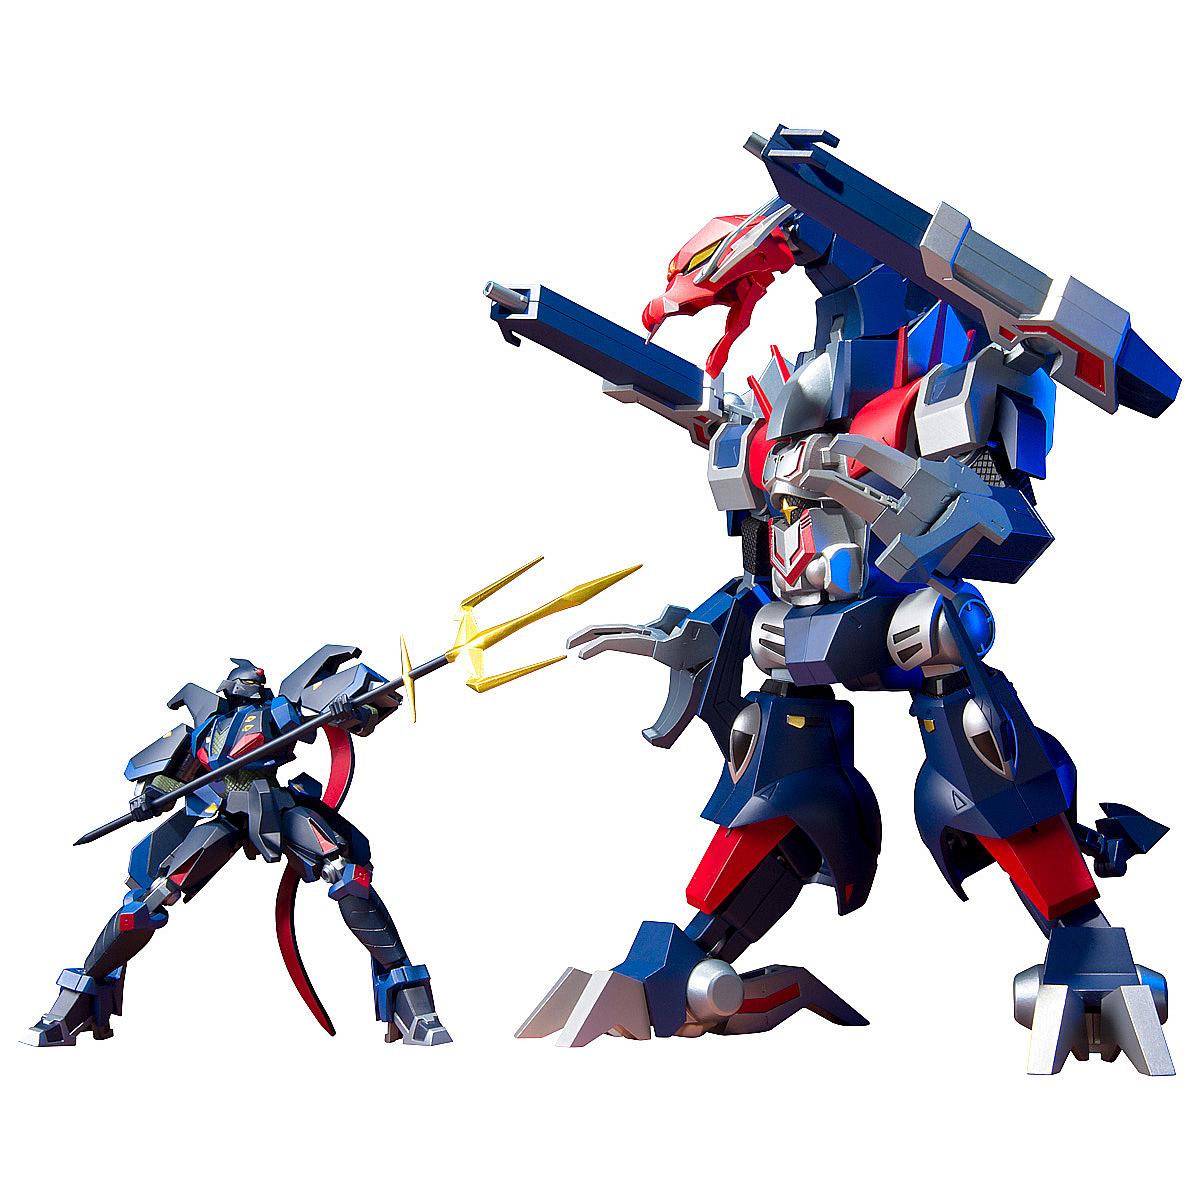 スーパーミニプラ 忍者戦士 飛影Vol3GOODS-04062883_0